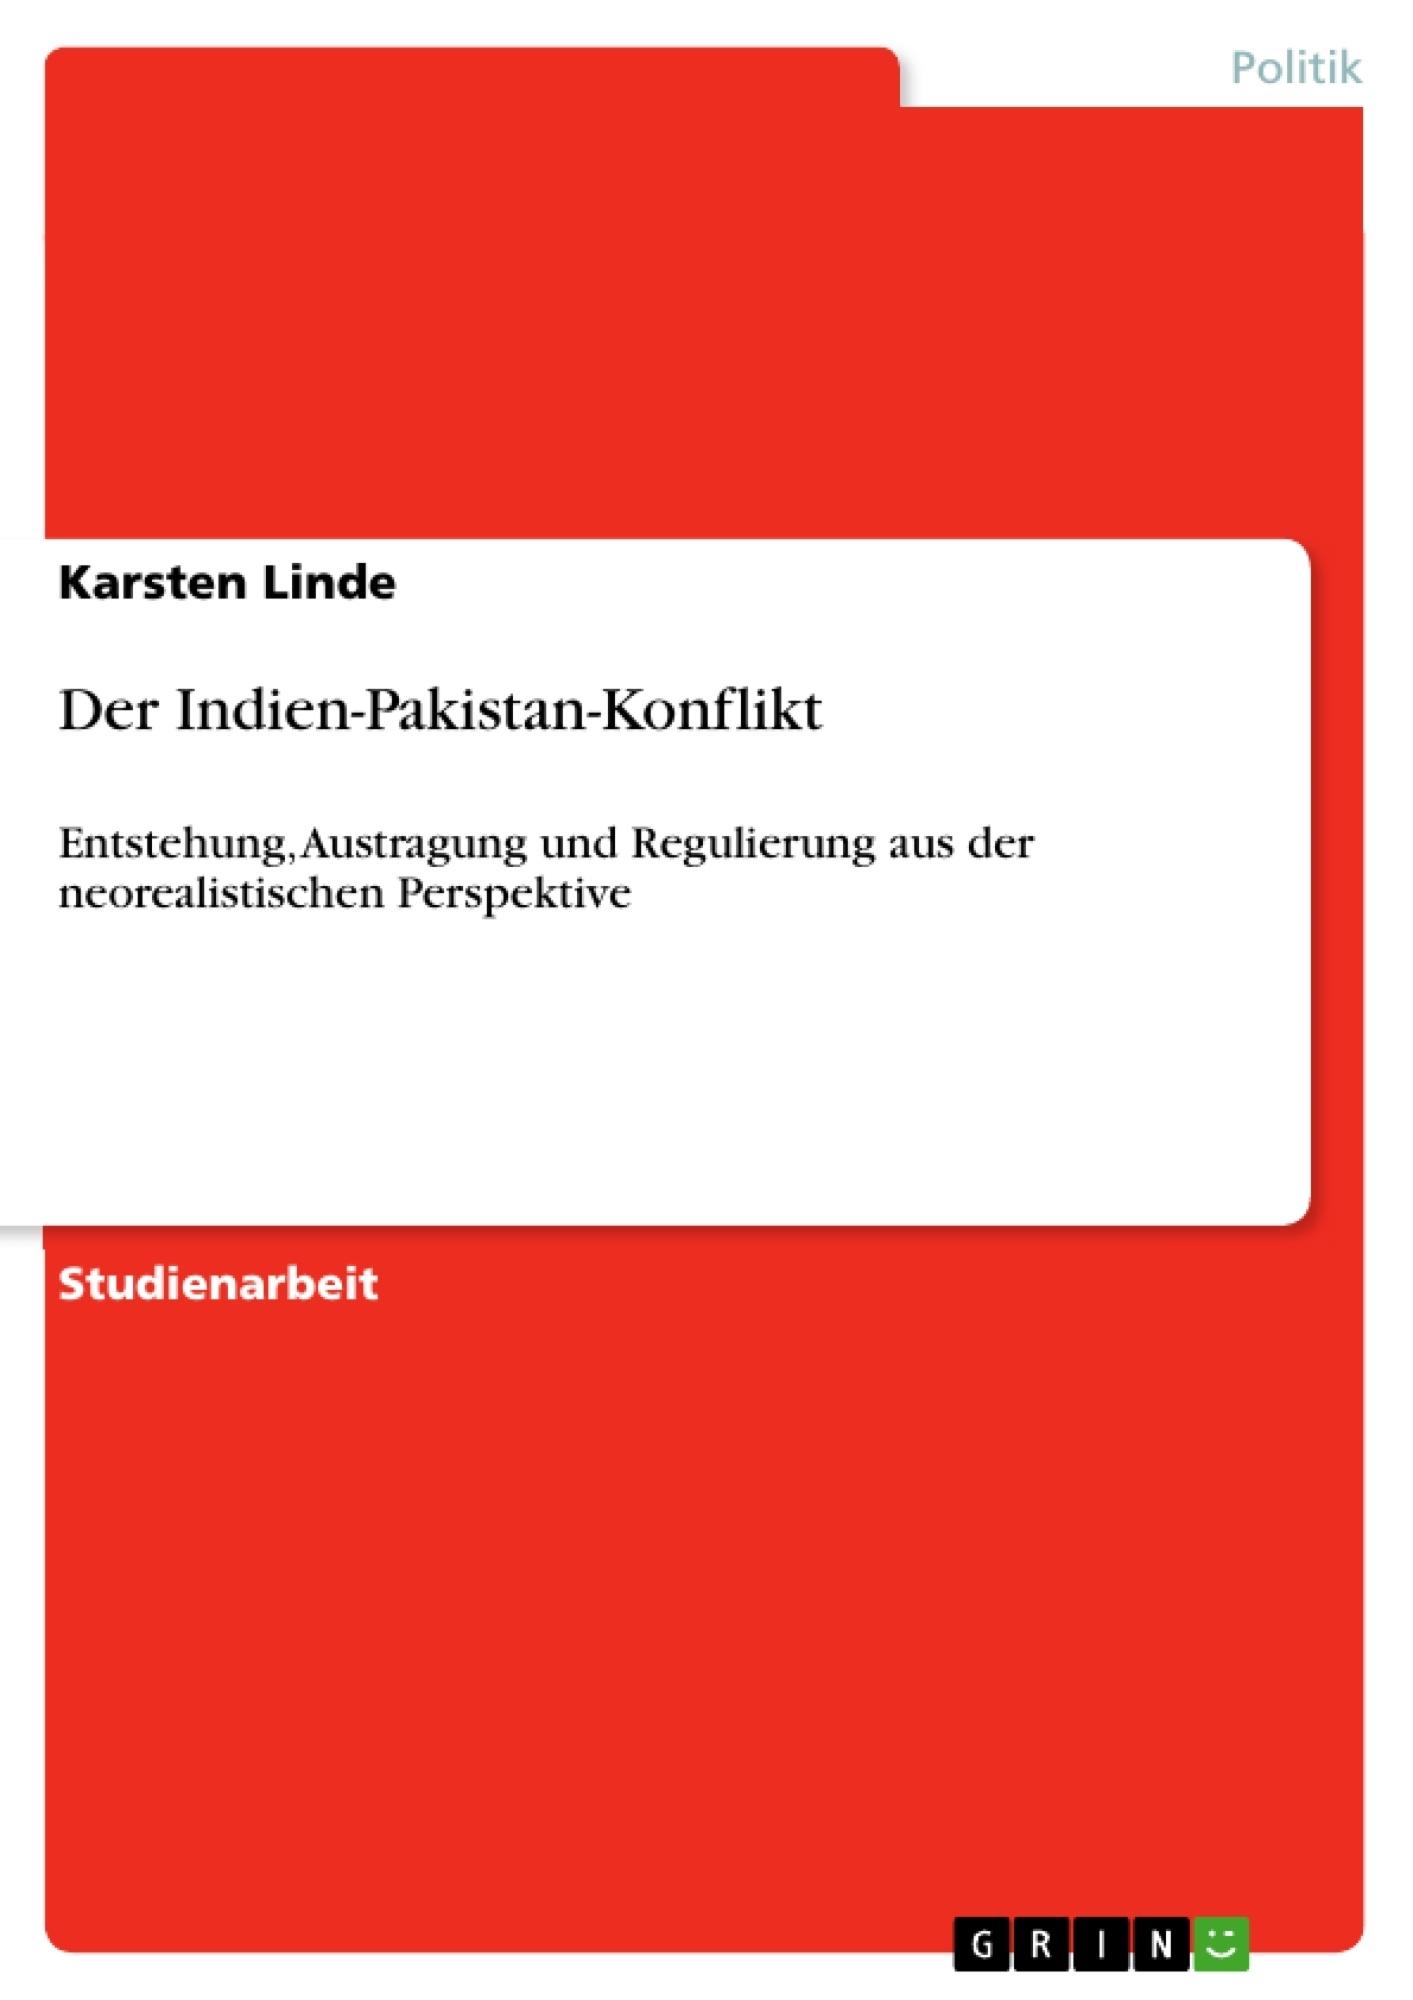 Titel: Der Indien-Pakistan-Konflikt